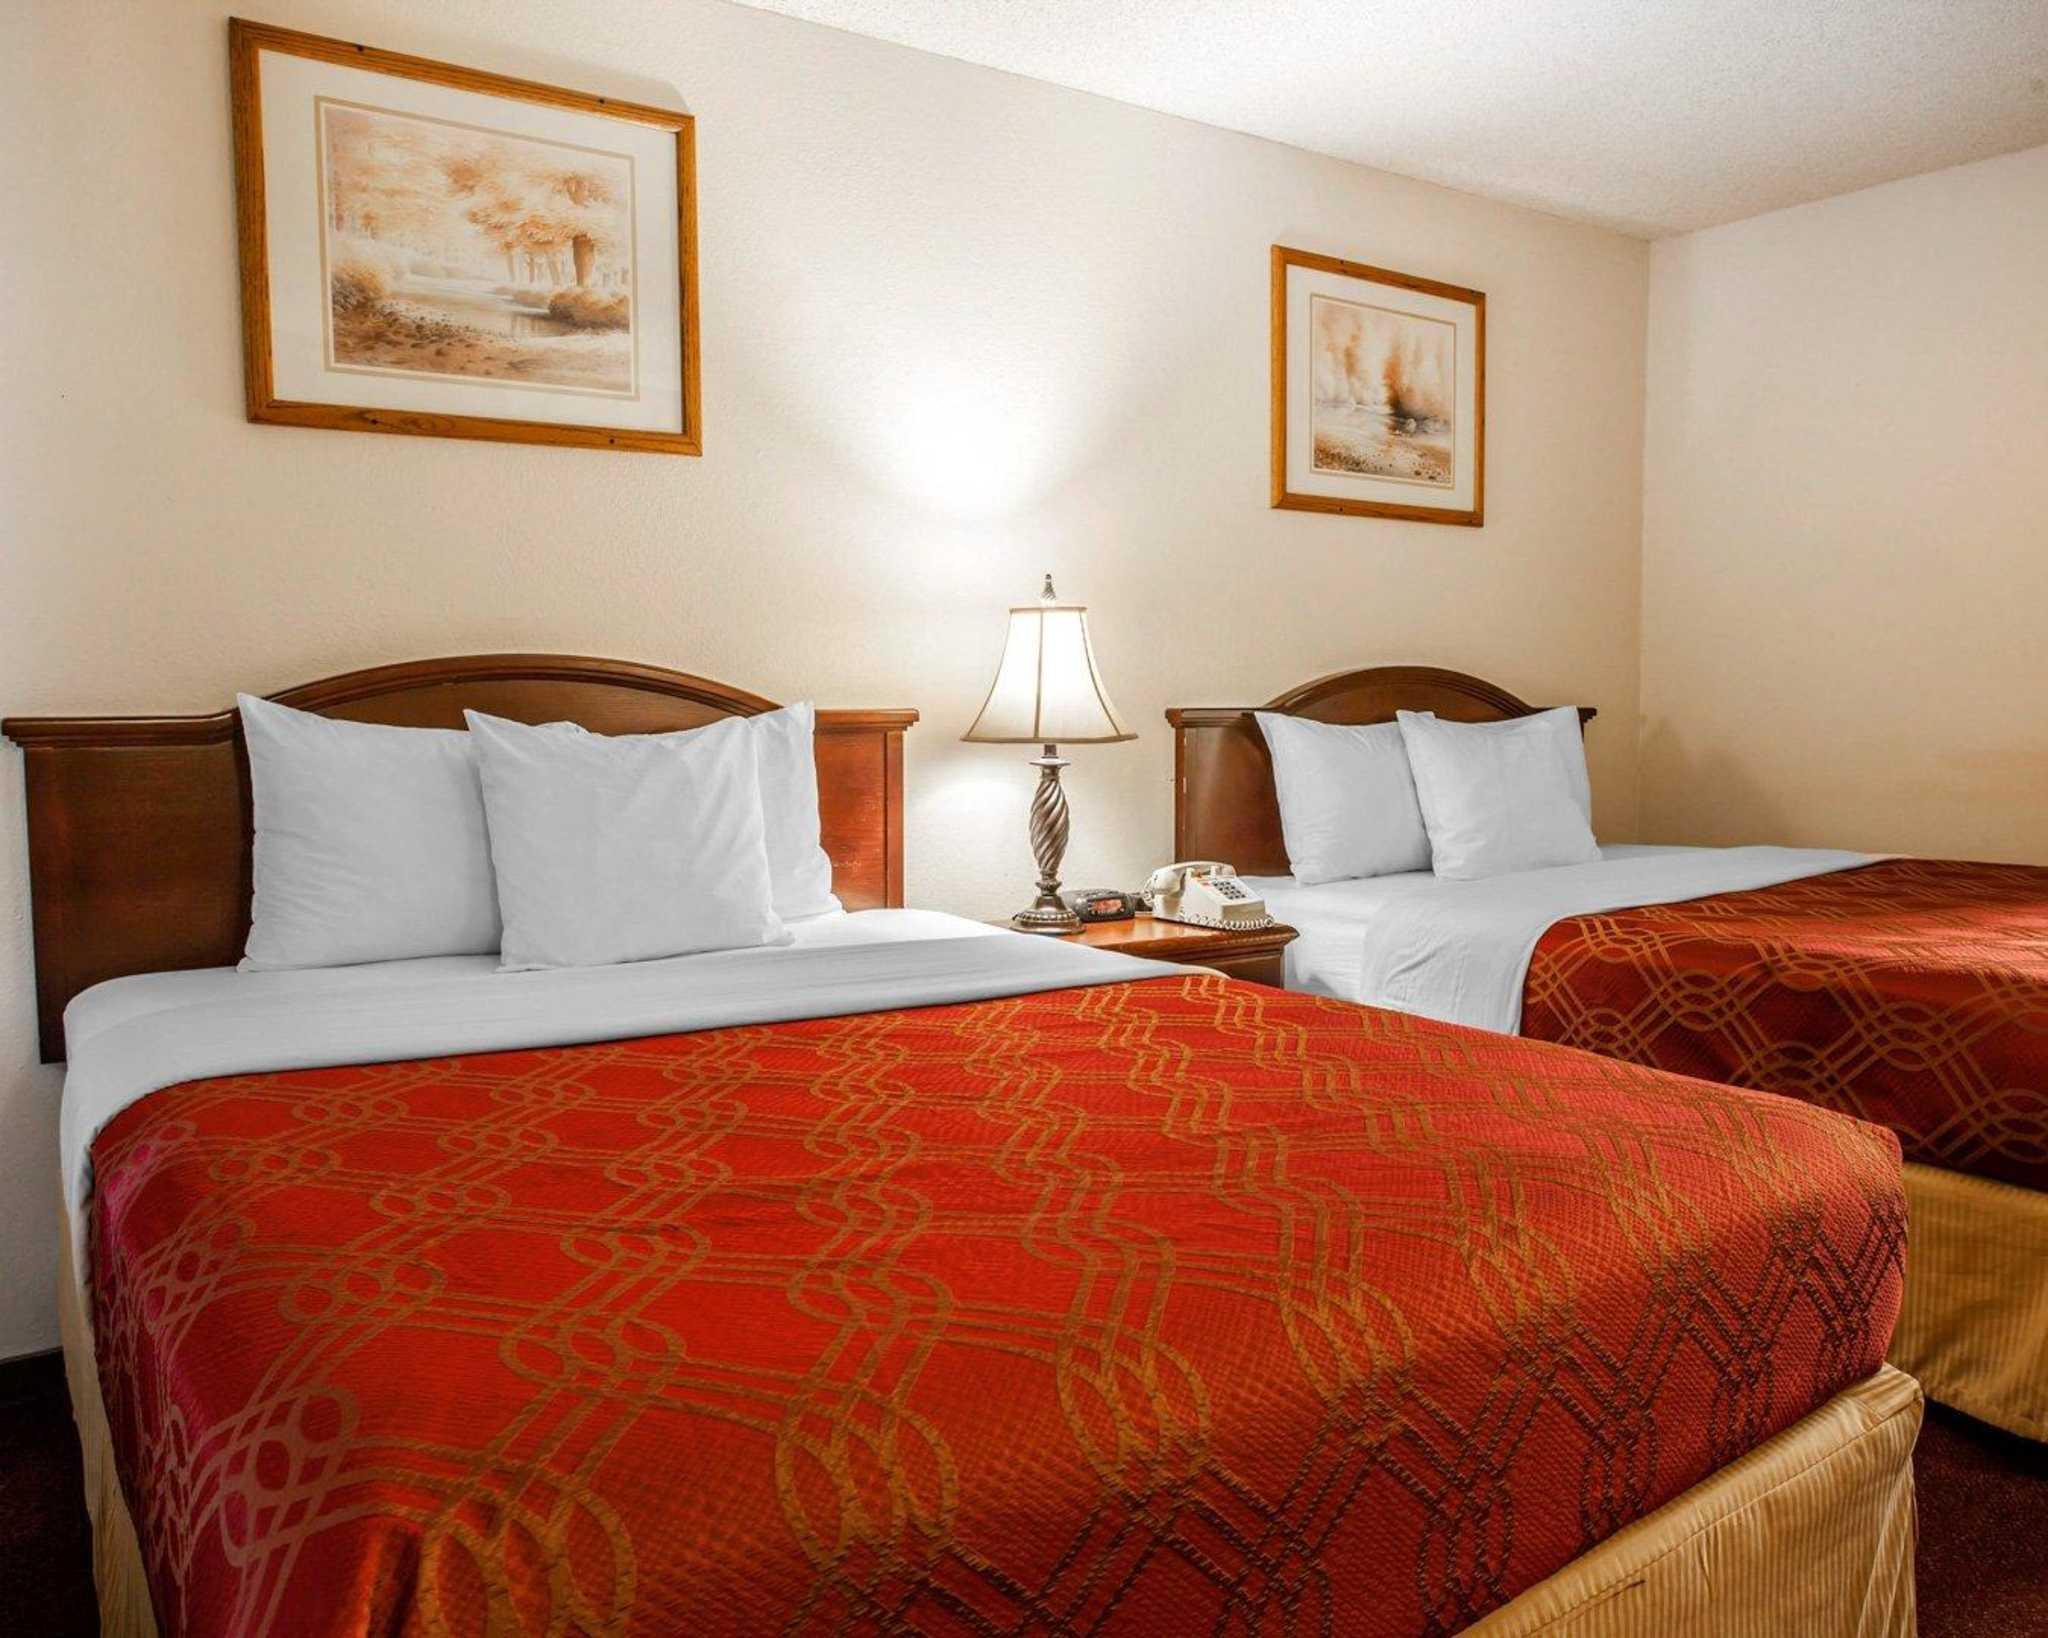 Econo Lodge Renton-Bellevue image 13